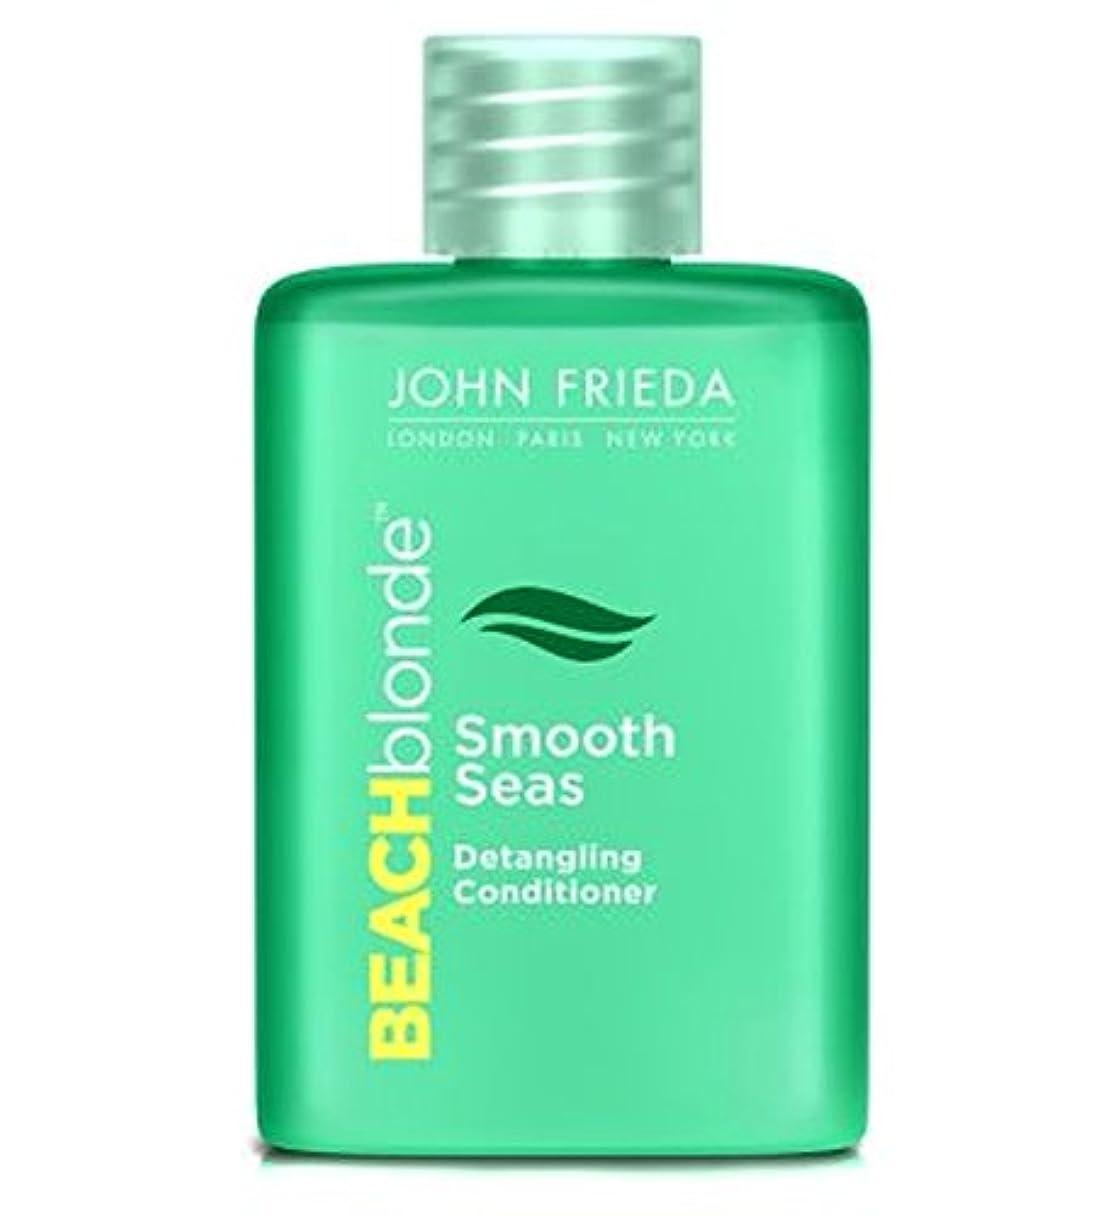 慎重にタイマーバスコンディショナー50ミリリットルをもつれ解除ジョンFrieda?ビーチブロンド滑らかな海 (John Frieda) (x2) - John Frieda? Beach Blonde Smooth Seas Detangling...